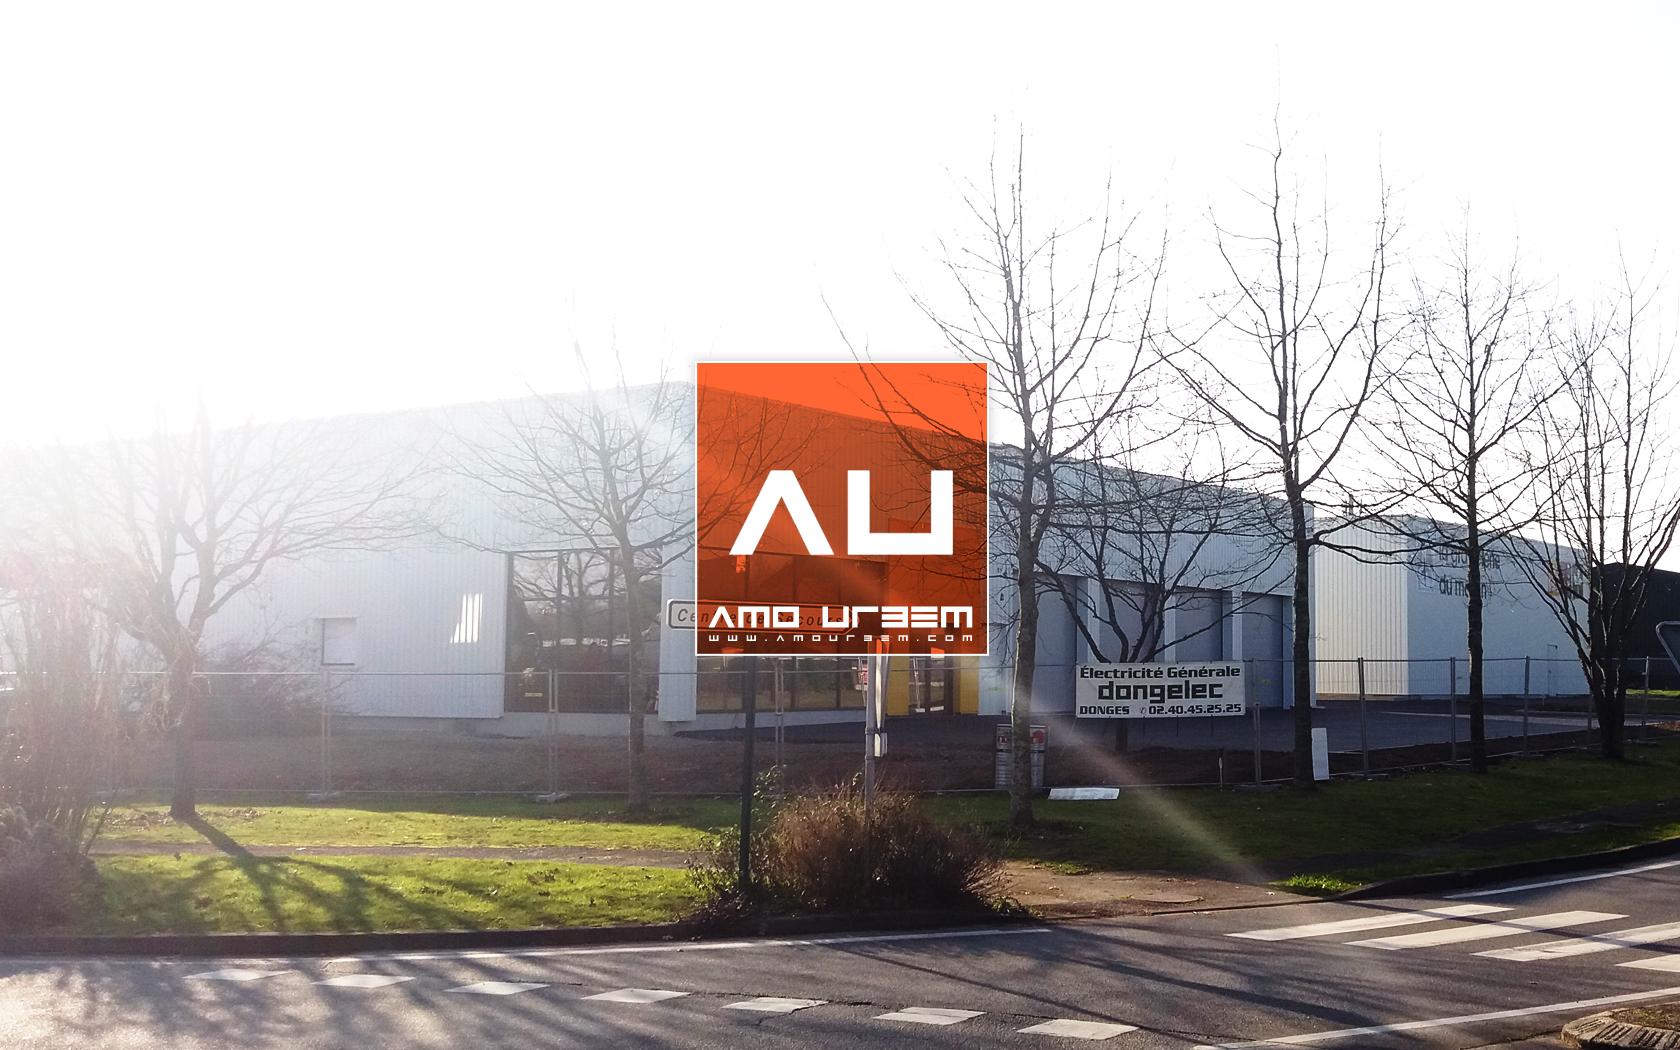 Amo_Urbem_Benoit_Guillou_Architecte_Garage_Renault_Graineterie_du_Moulin_La_Chapelle_Sur_Erdre (1)